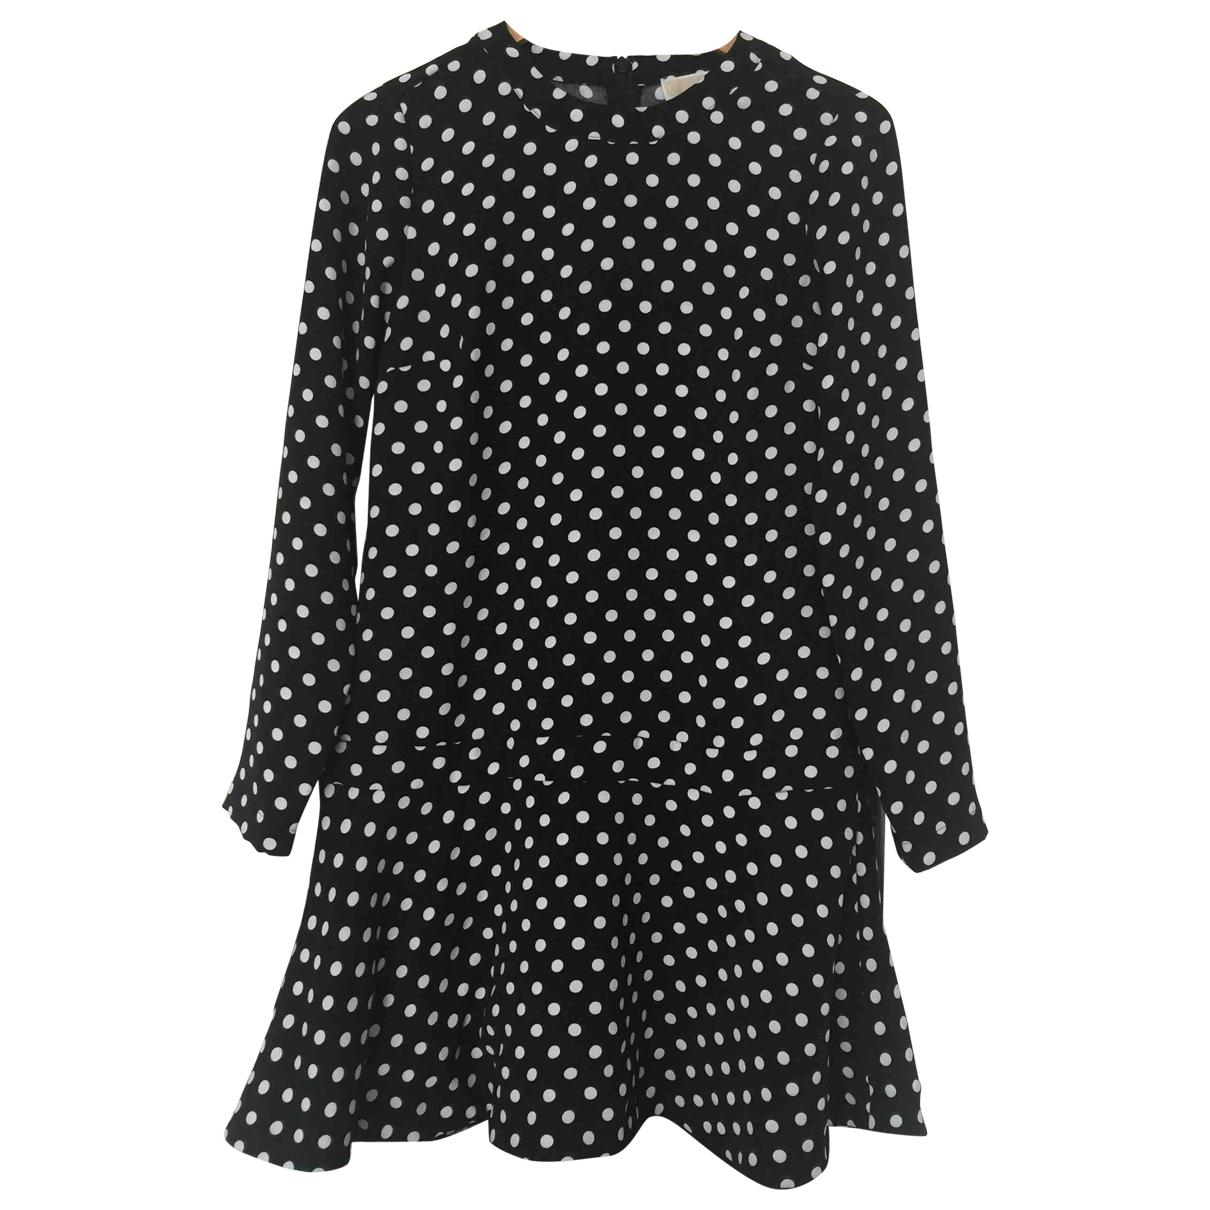 Michael Kors \N Black dress for Women 4 US